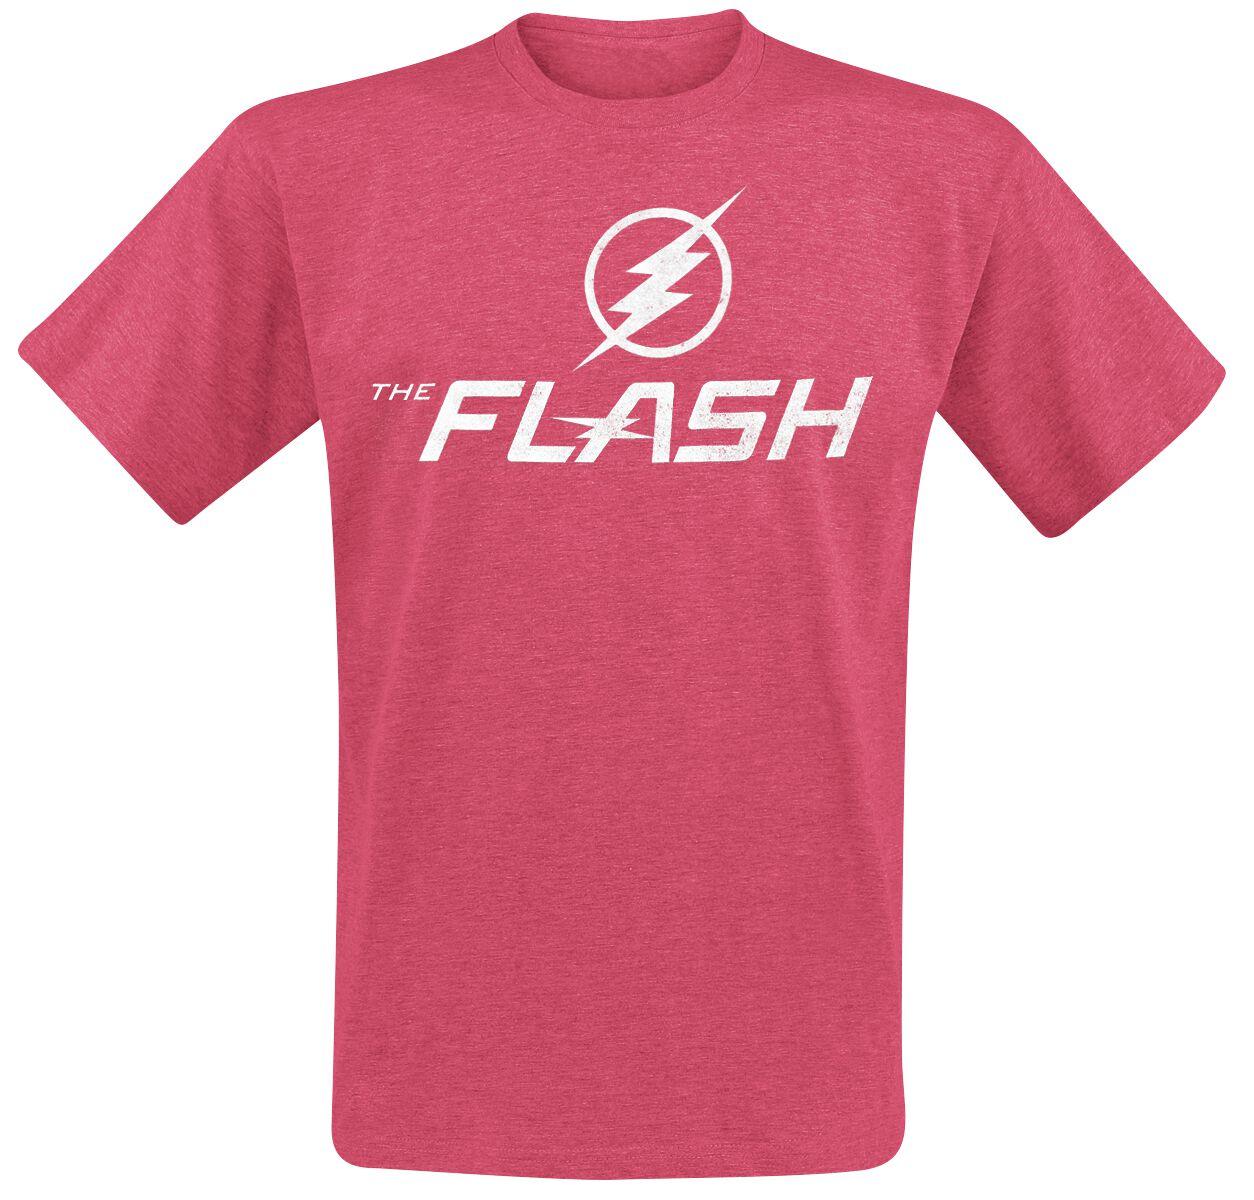 Merch dla Fanów - Koszulki - T-Shirt The Flash Logo T-Shirt odcienie czerwonego - 376156